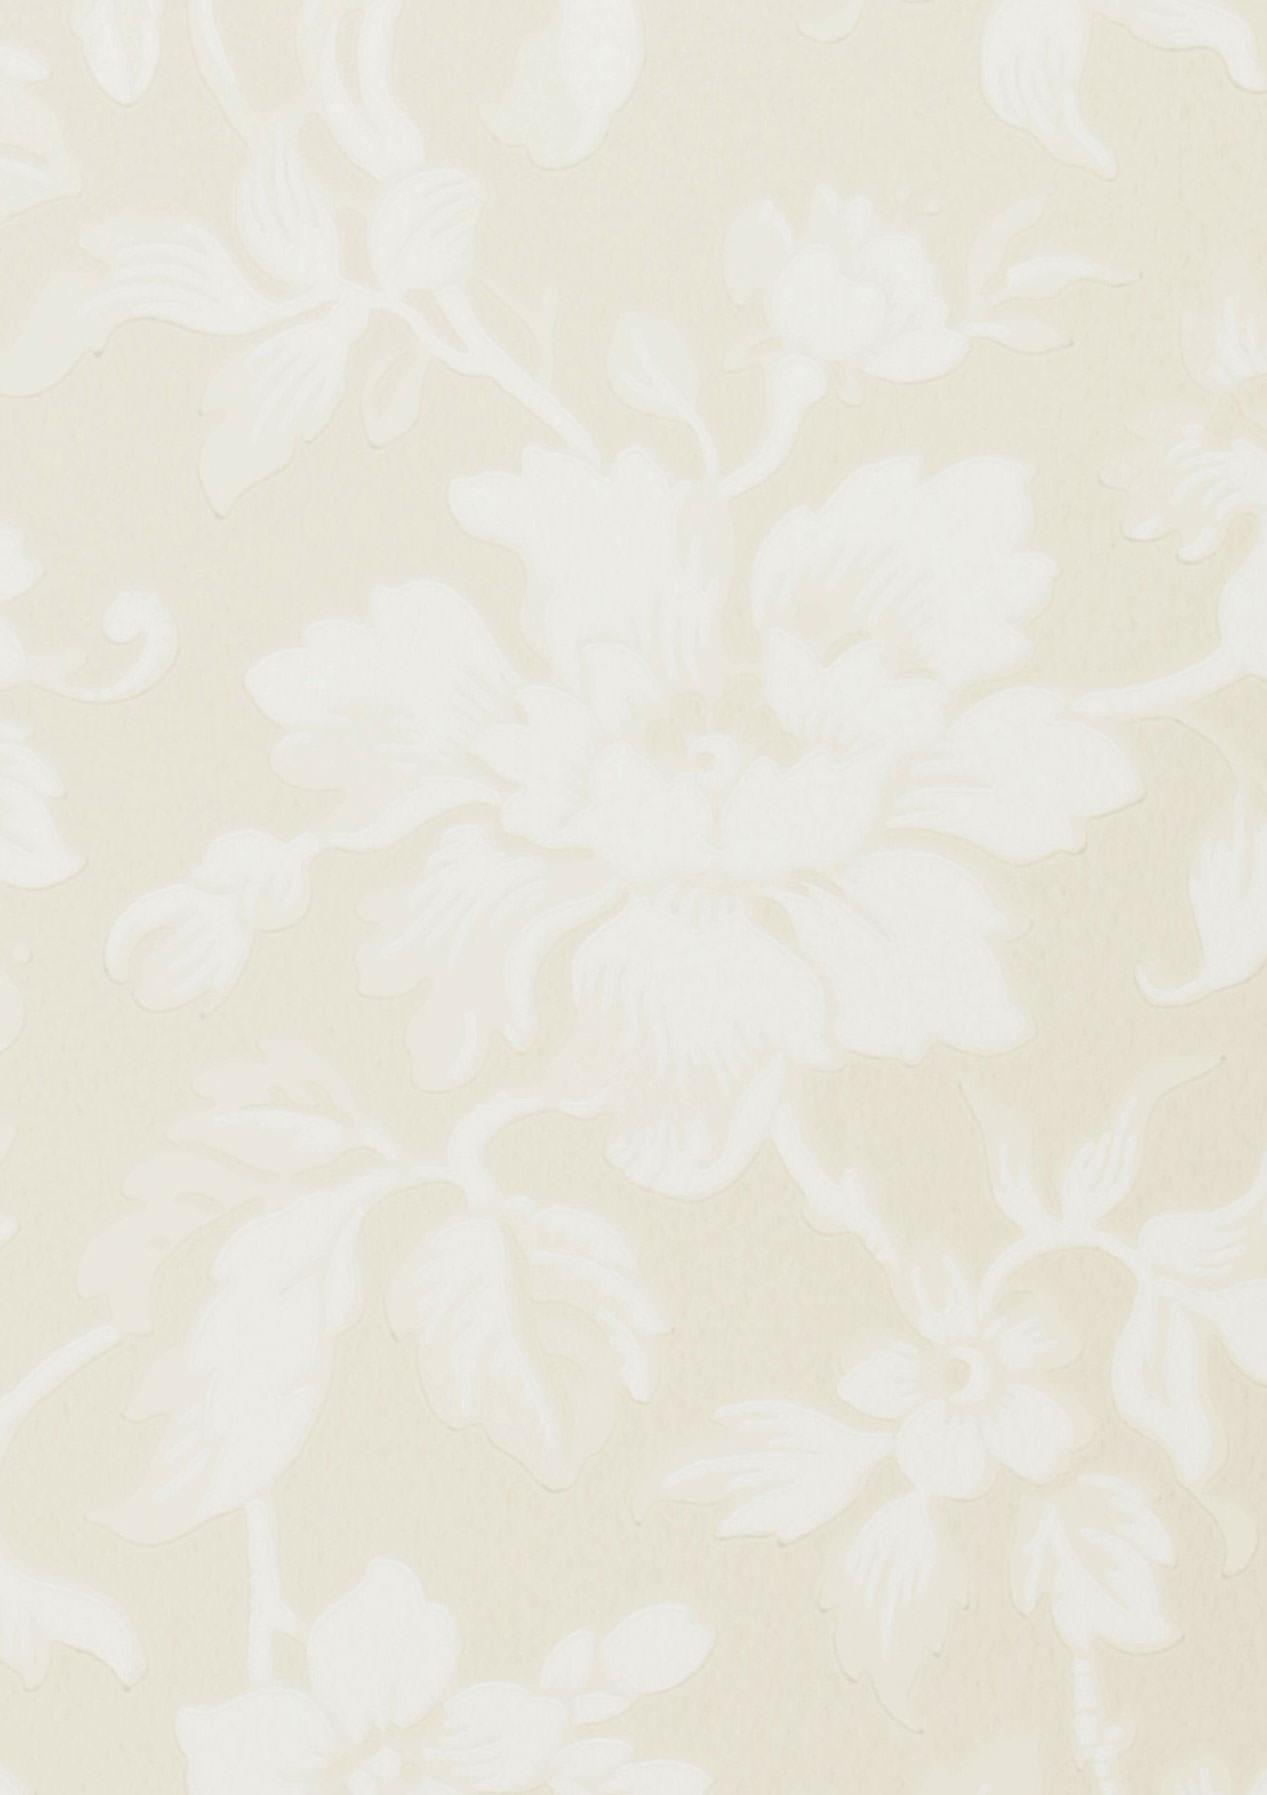 Amitola beige grigiastro chiaro avorio chiaro bianco for Carta da parati beige